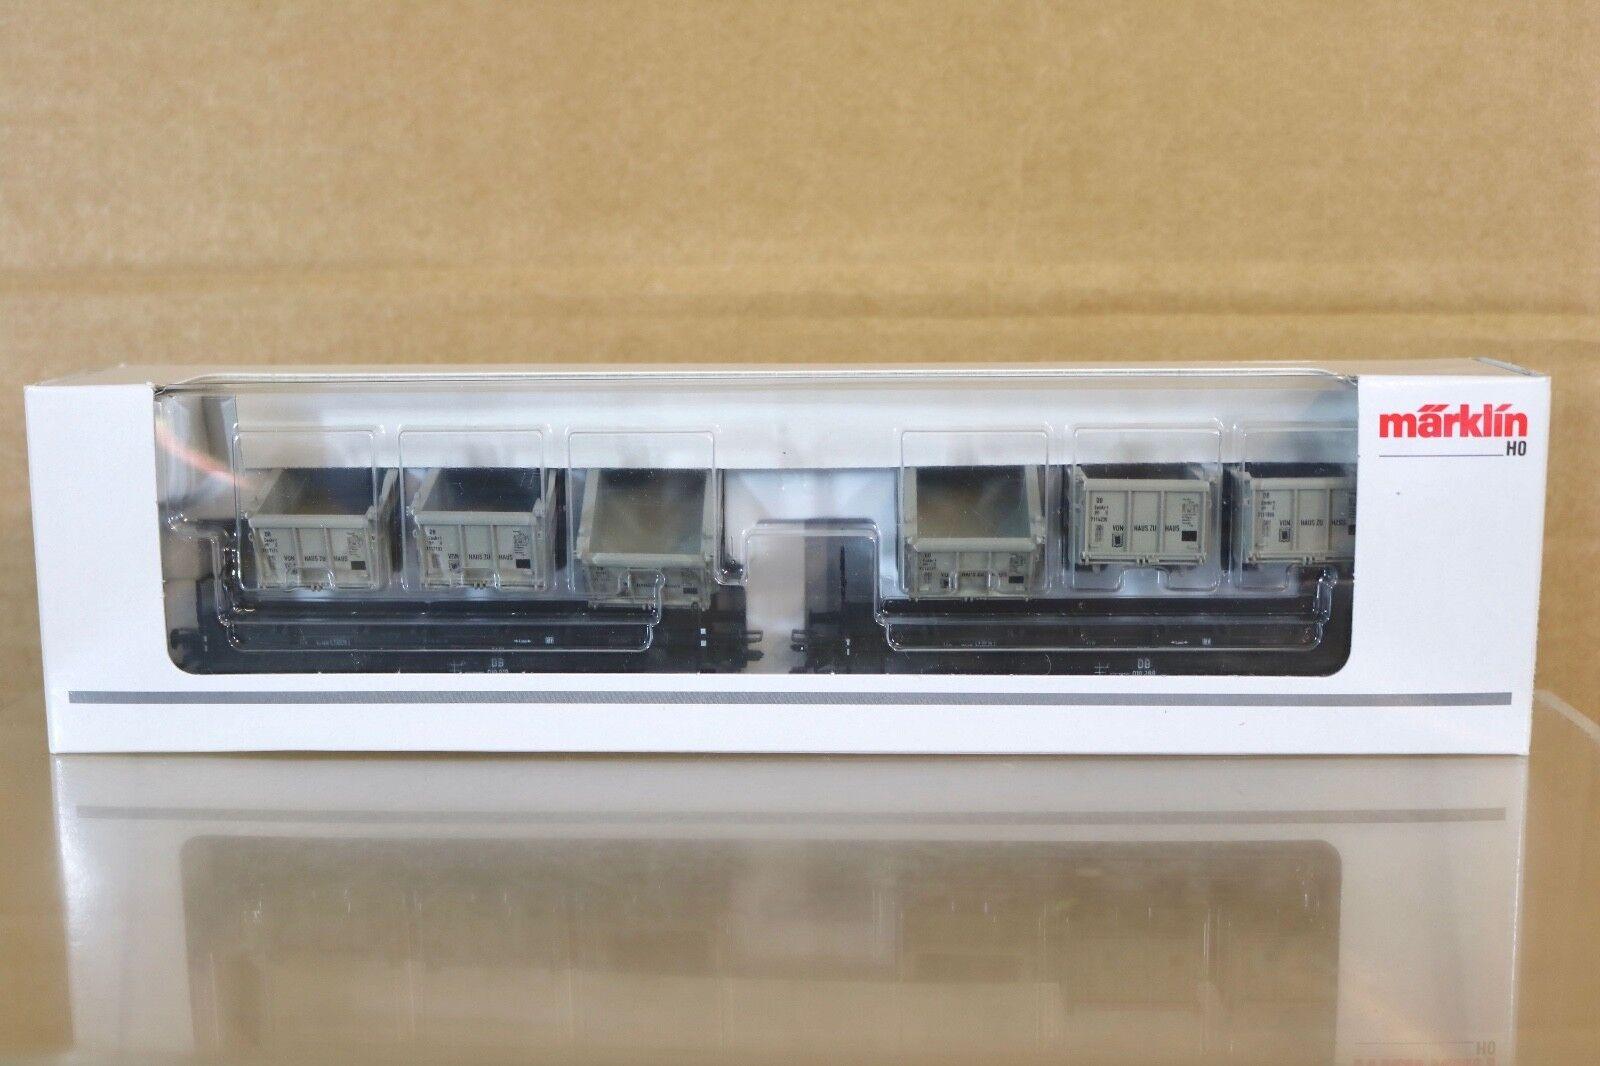 MARKLIN MÄRKLIN 48943 DB VON HAUS zu HAUS OPEN CONTAINER WAGON SET MINT BOXED nq